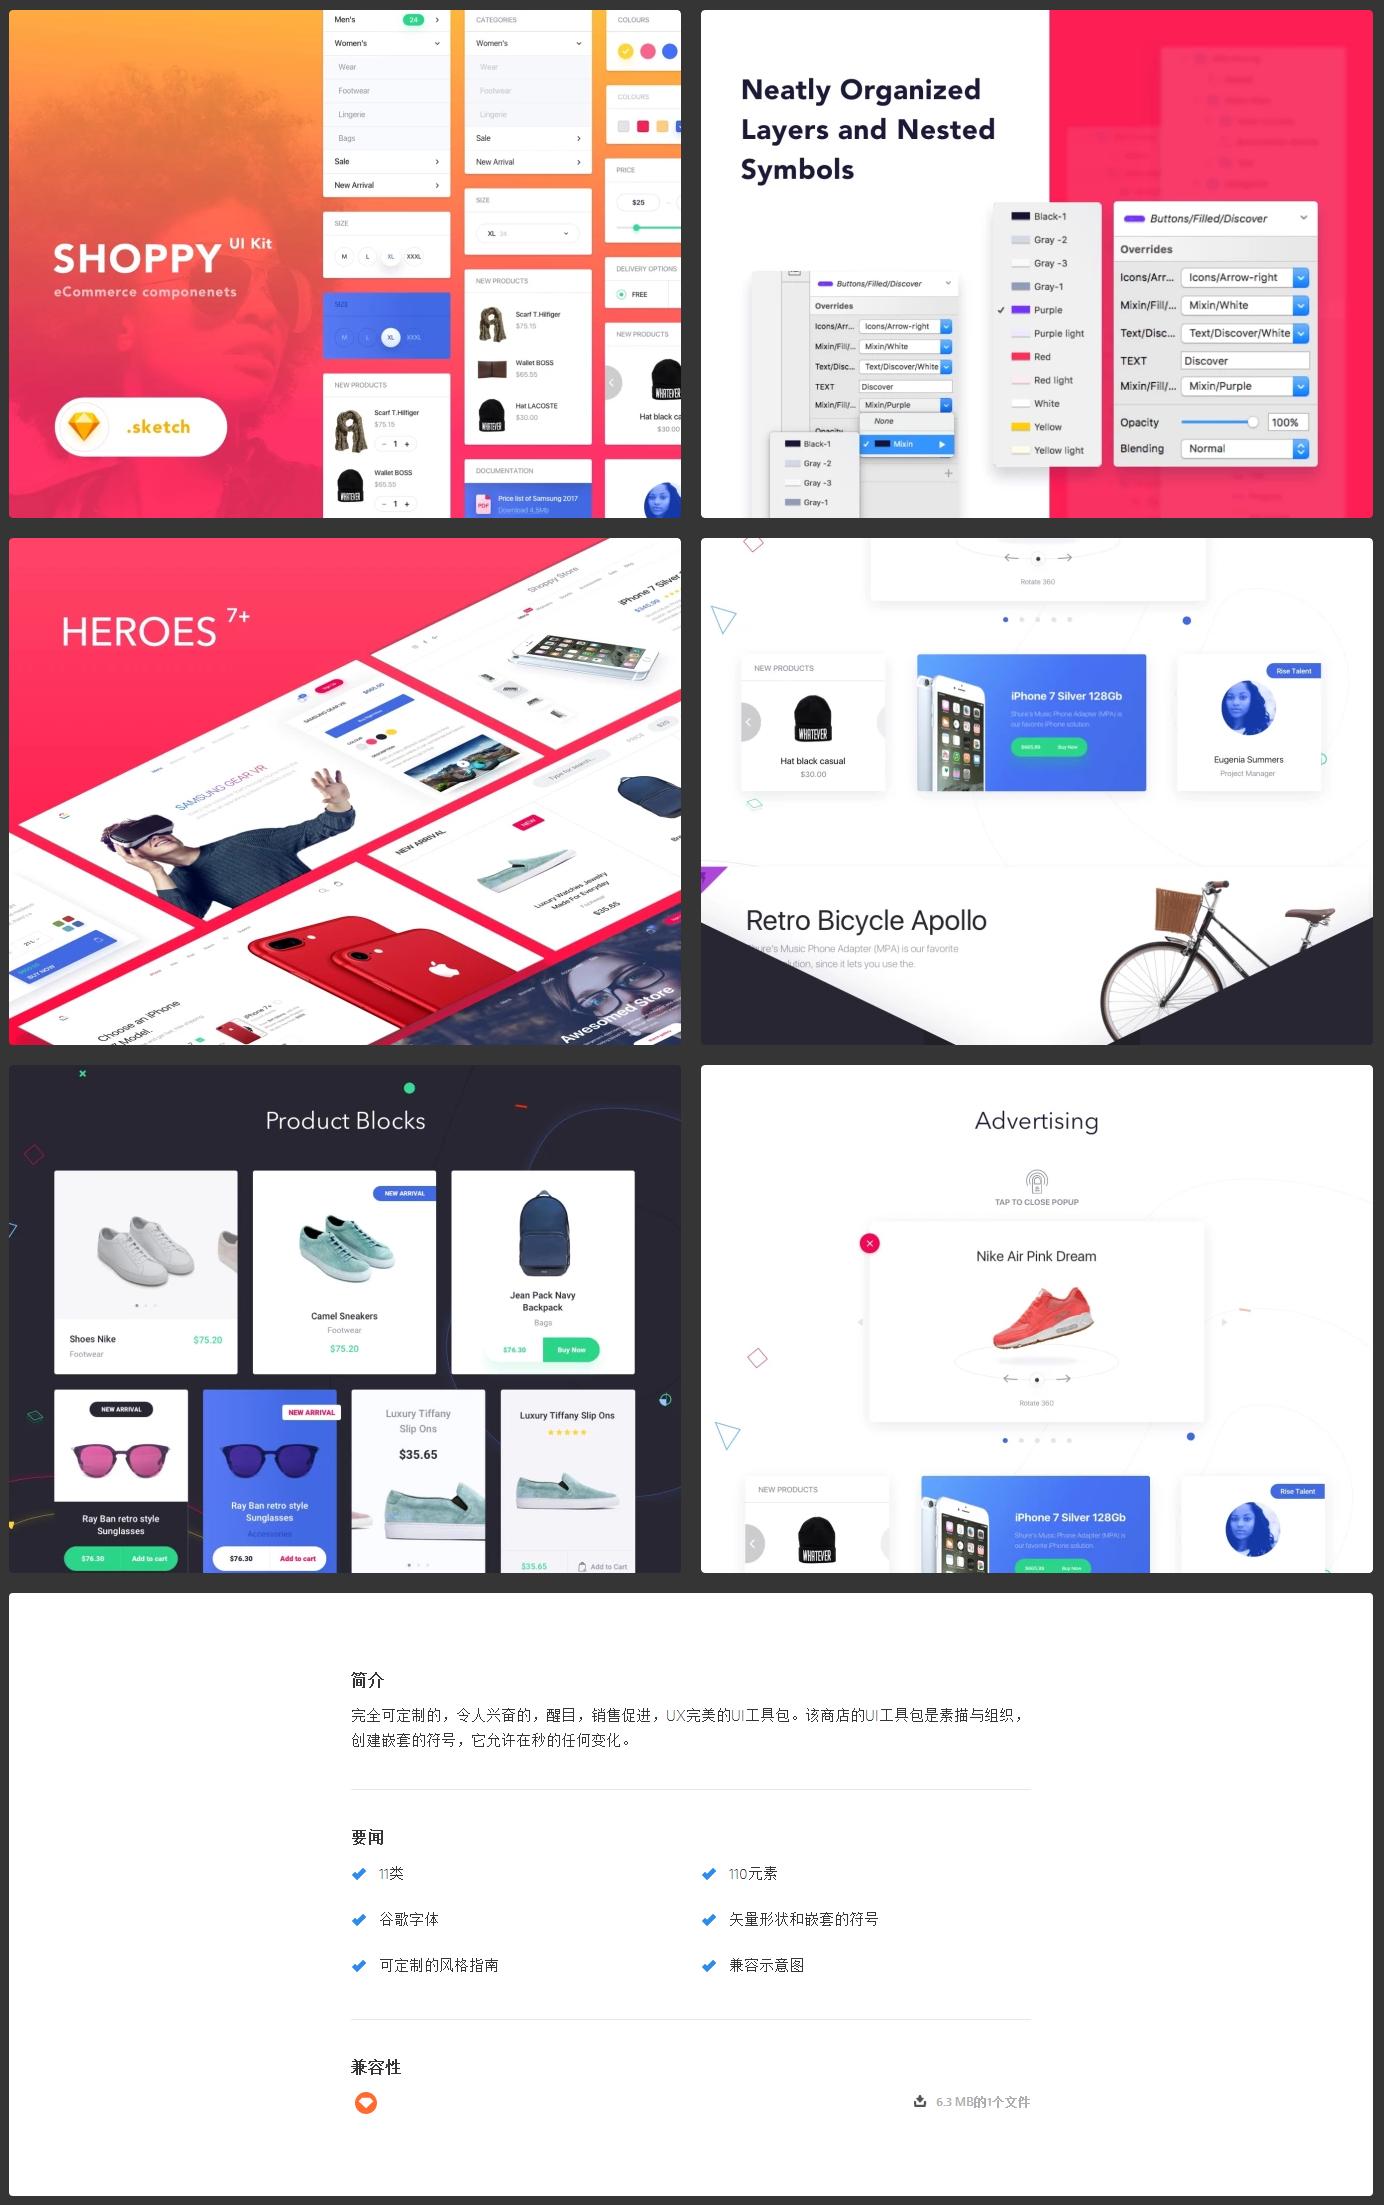 Shoppy E-commerce UI 主题包.sketch素材下载 主题包-第1张